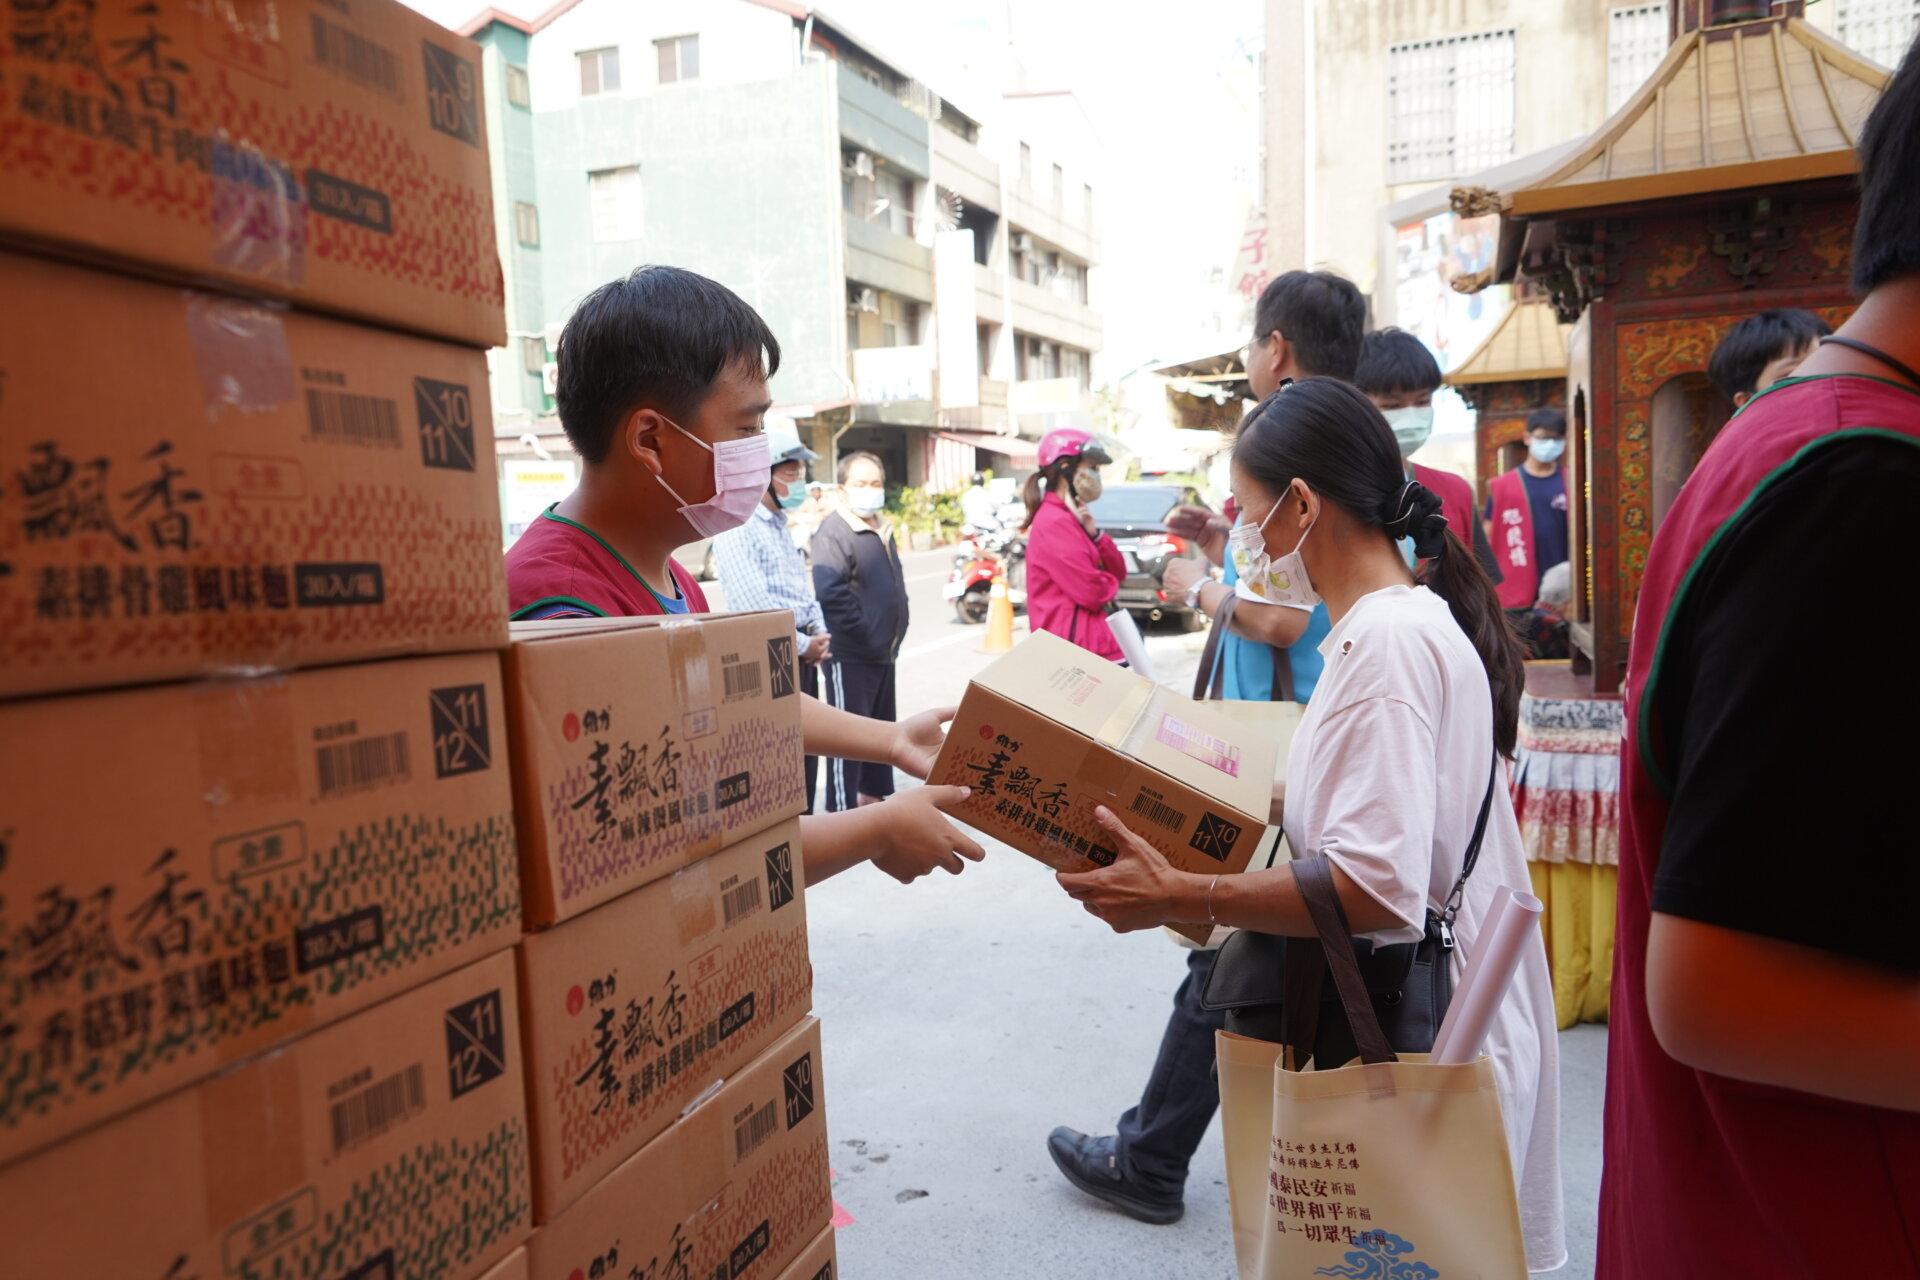 行動佛殿111站嘉義市地藏庵旁,愛心關懷,嘉義高中學生發心至佛殿做義工發送物資